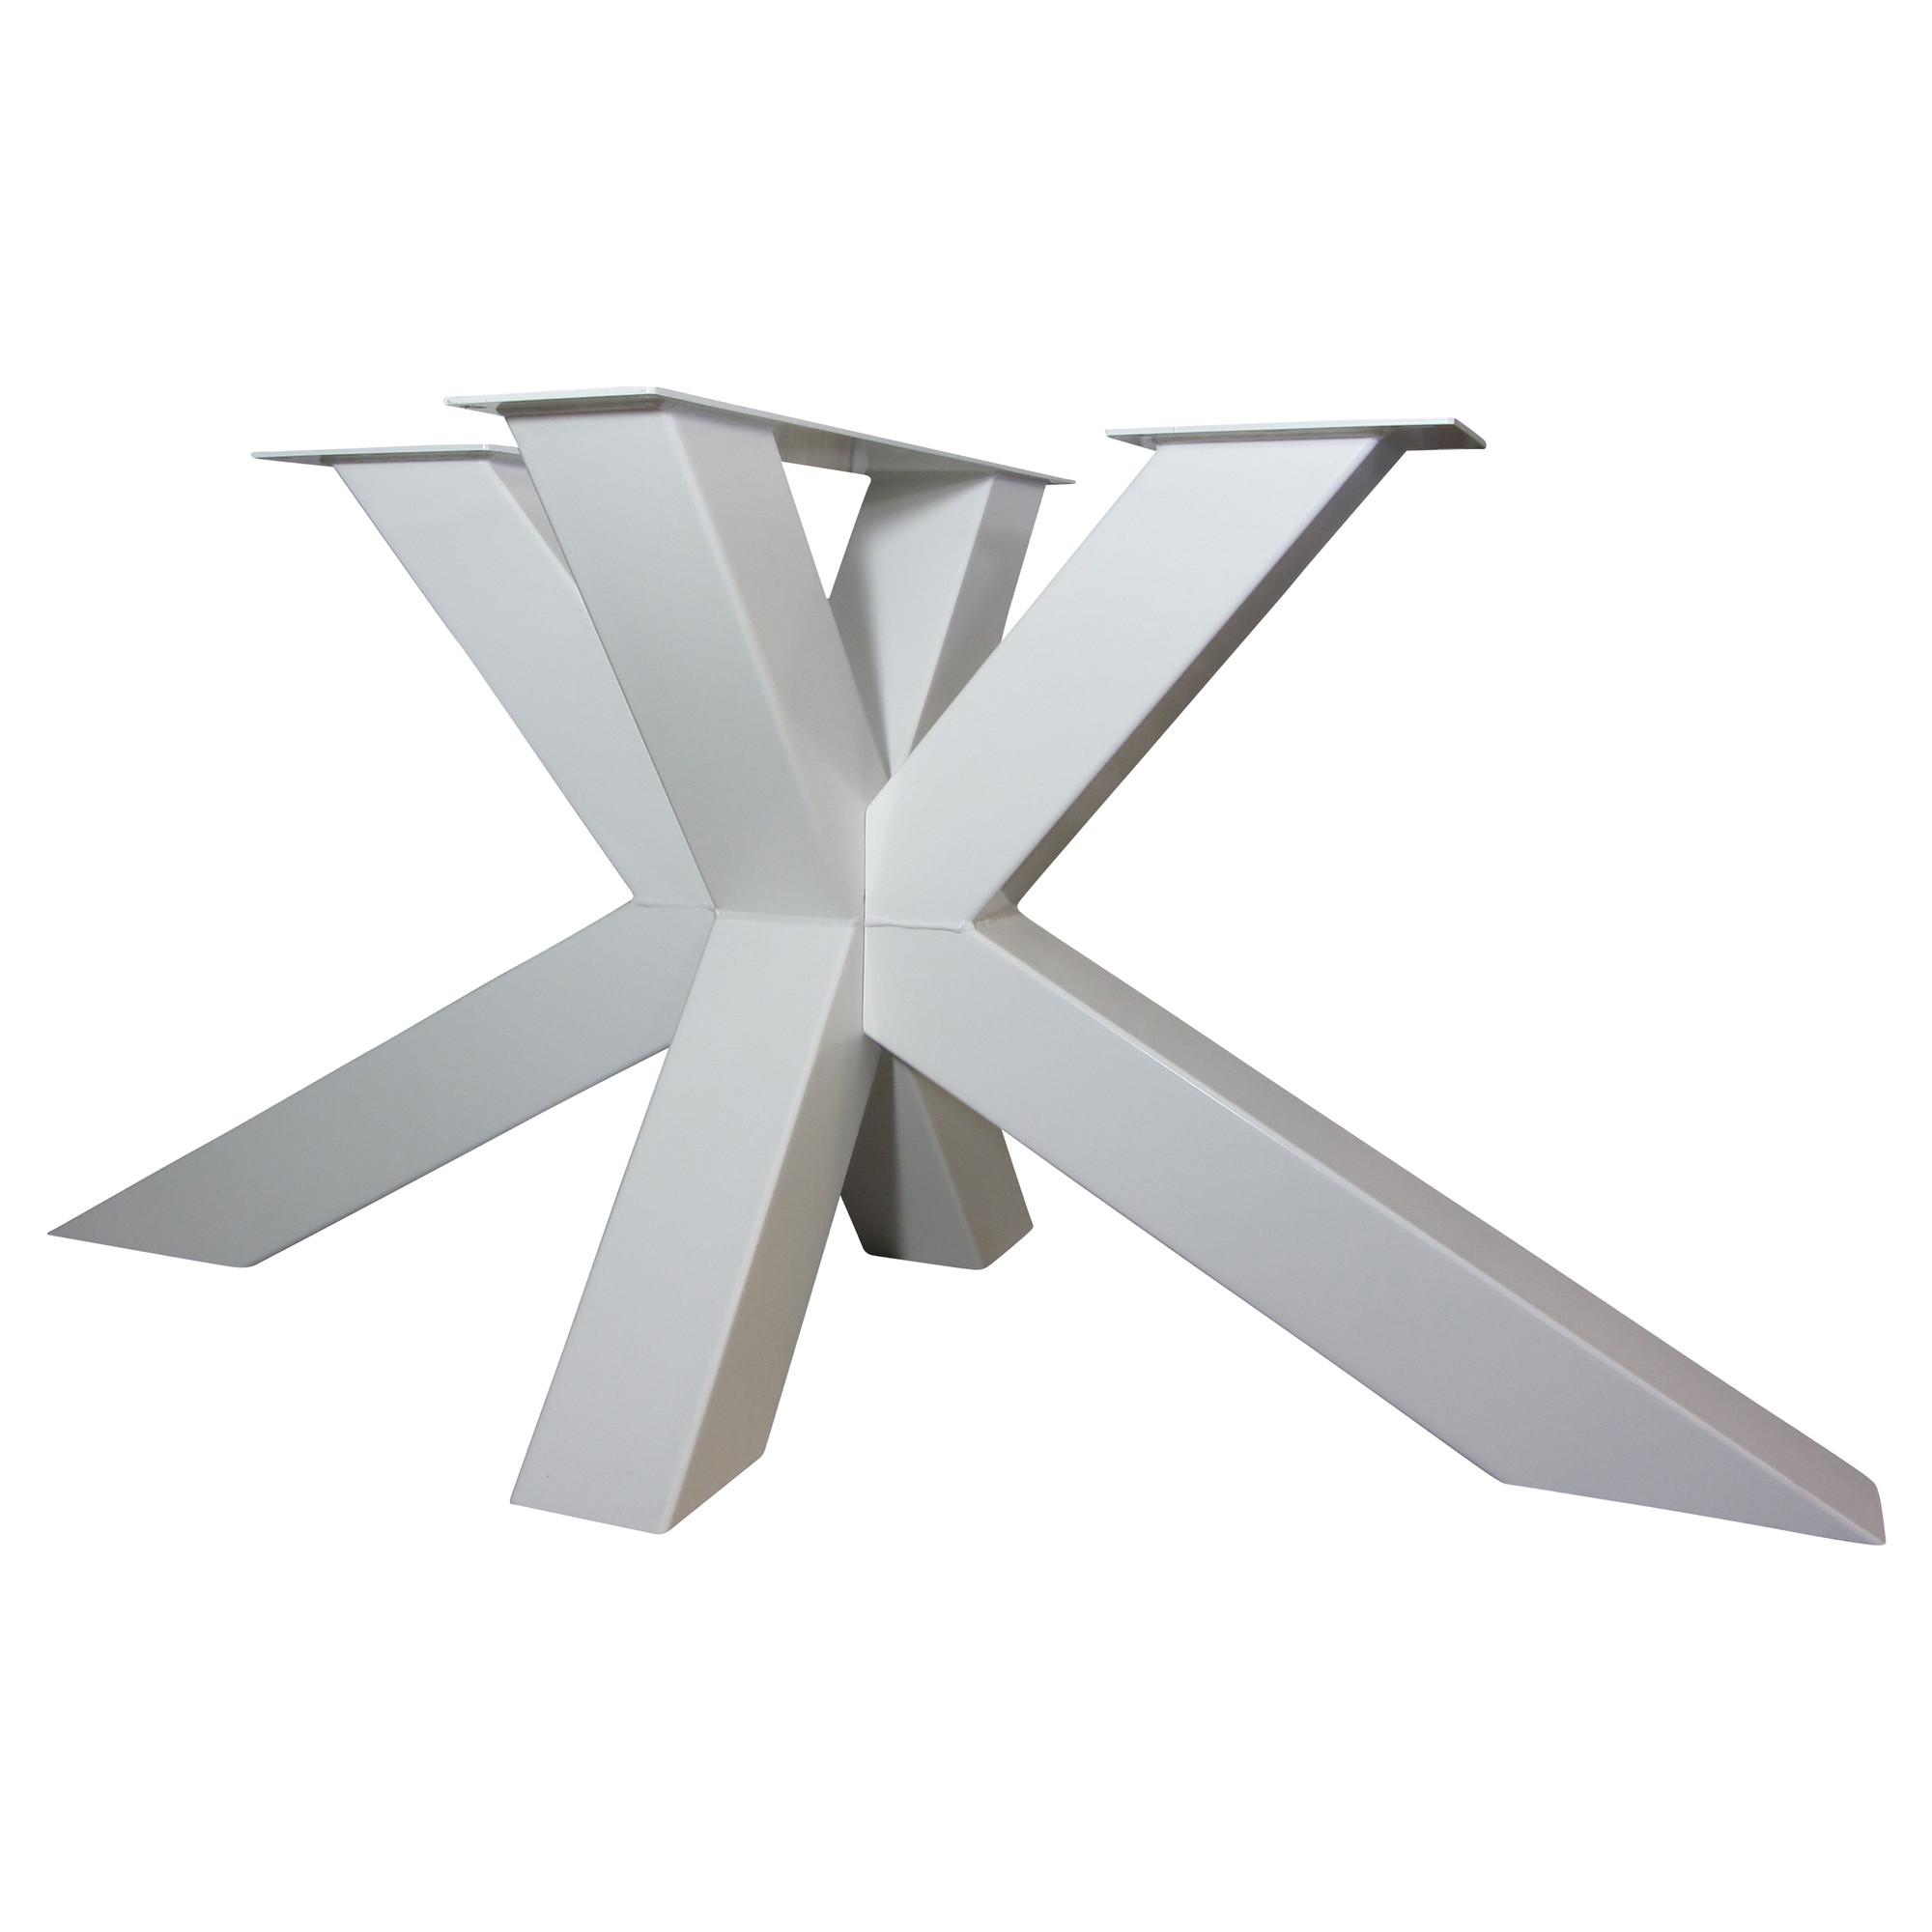 Industri le tafelonderstel matrix zwaar onderstellen for Tafel samenstellen